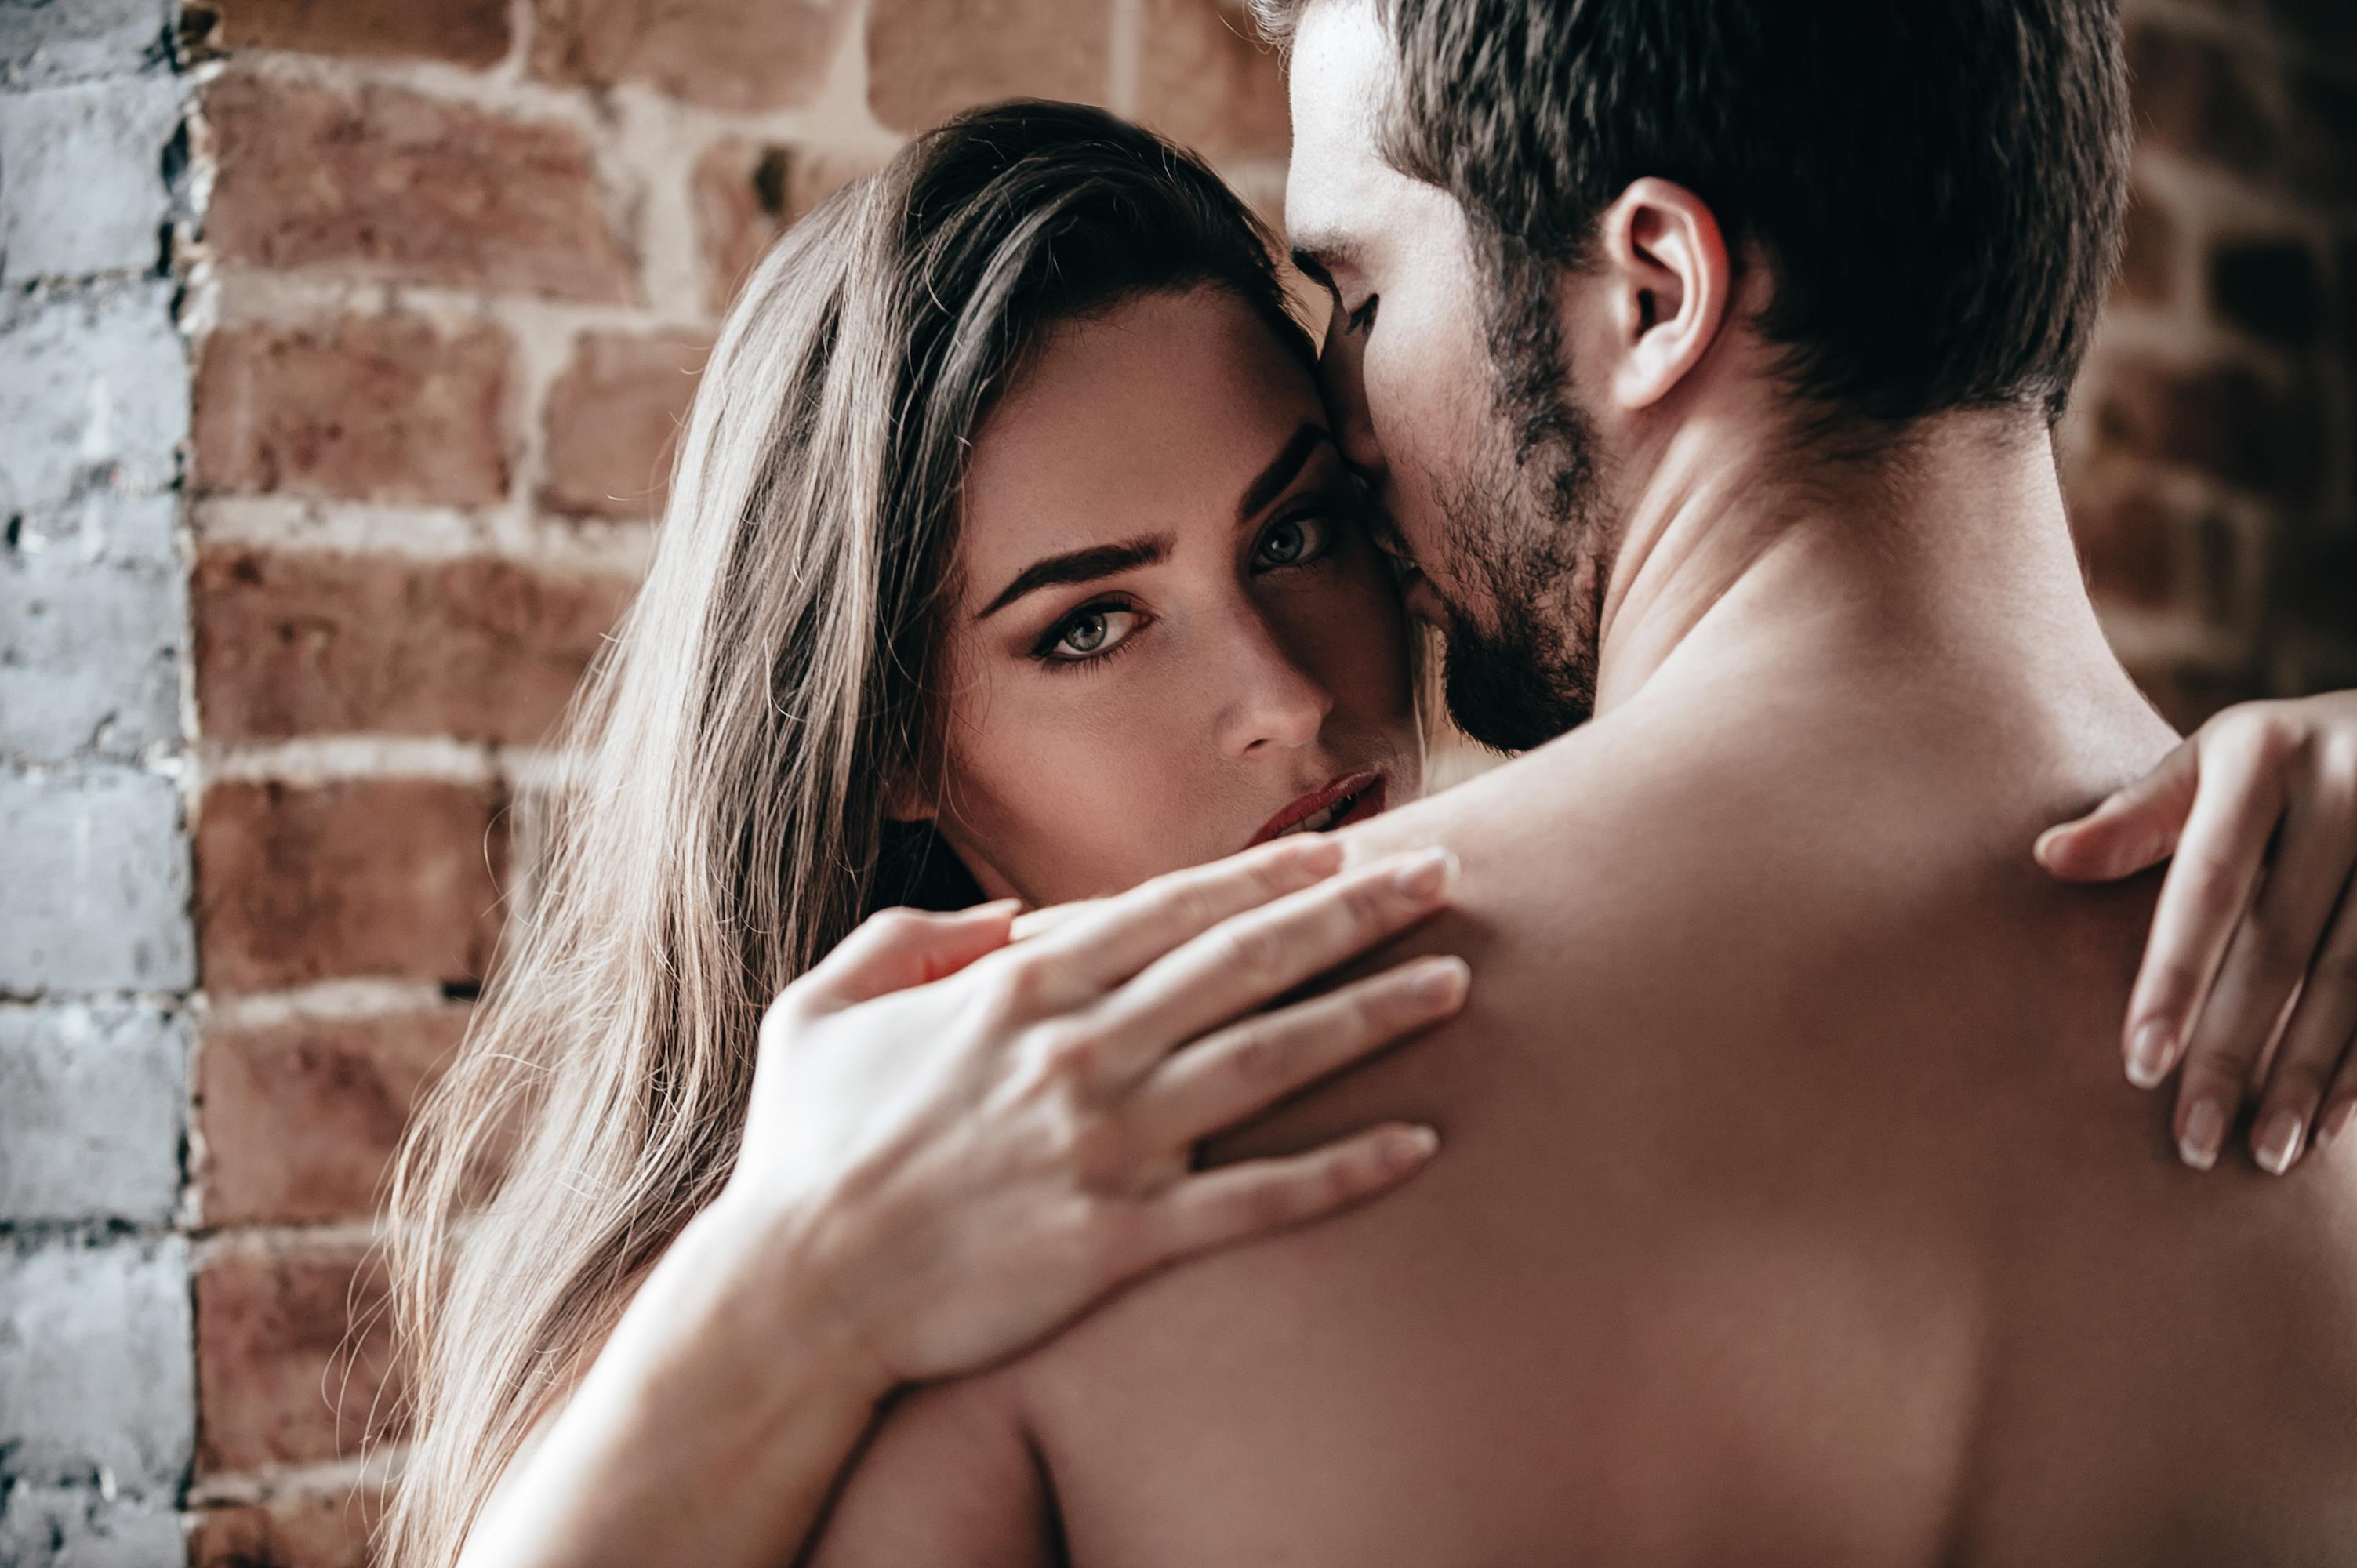 wiele filmów kobiecych orgazmów piaszczyste lato Sex oralny